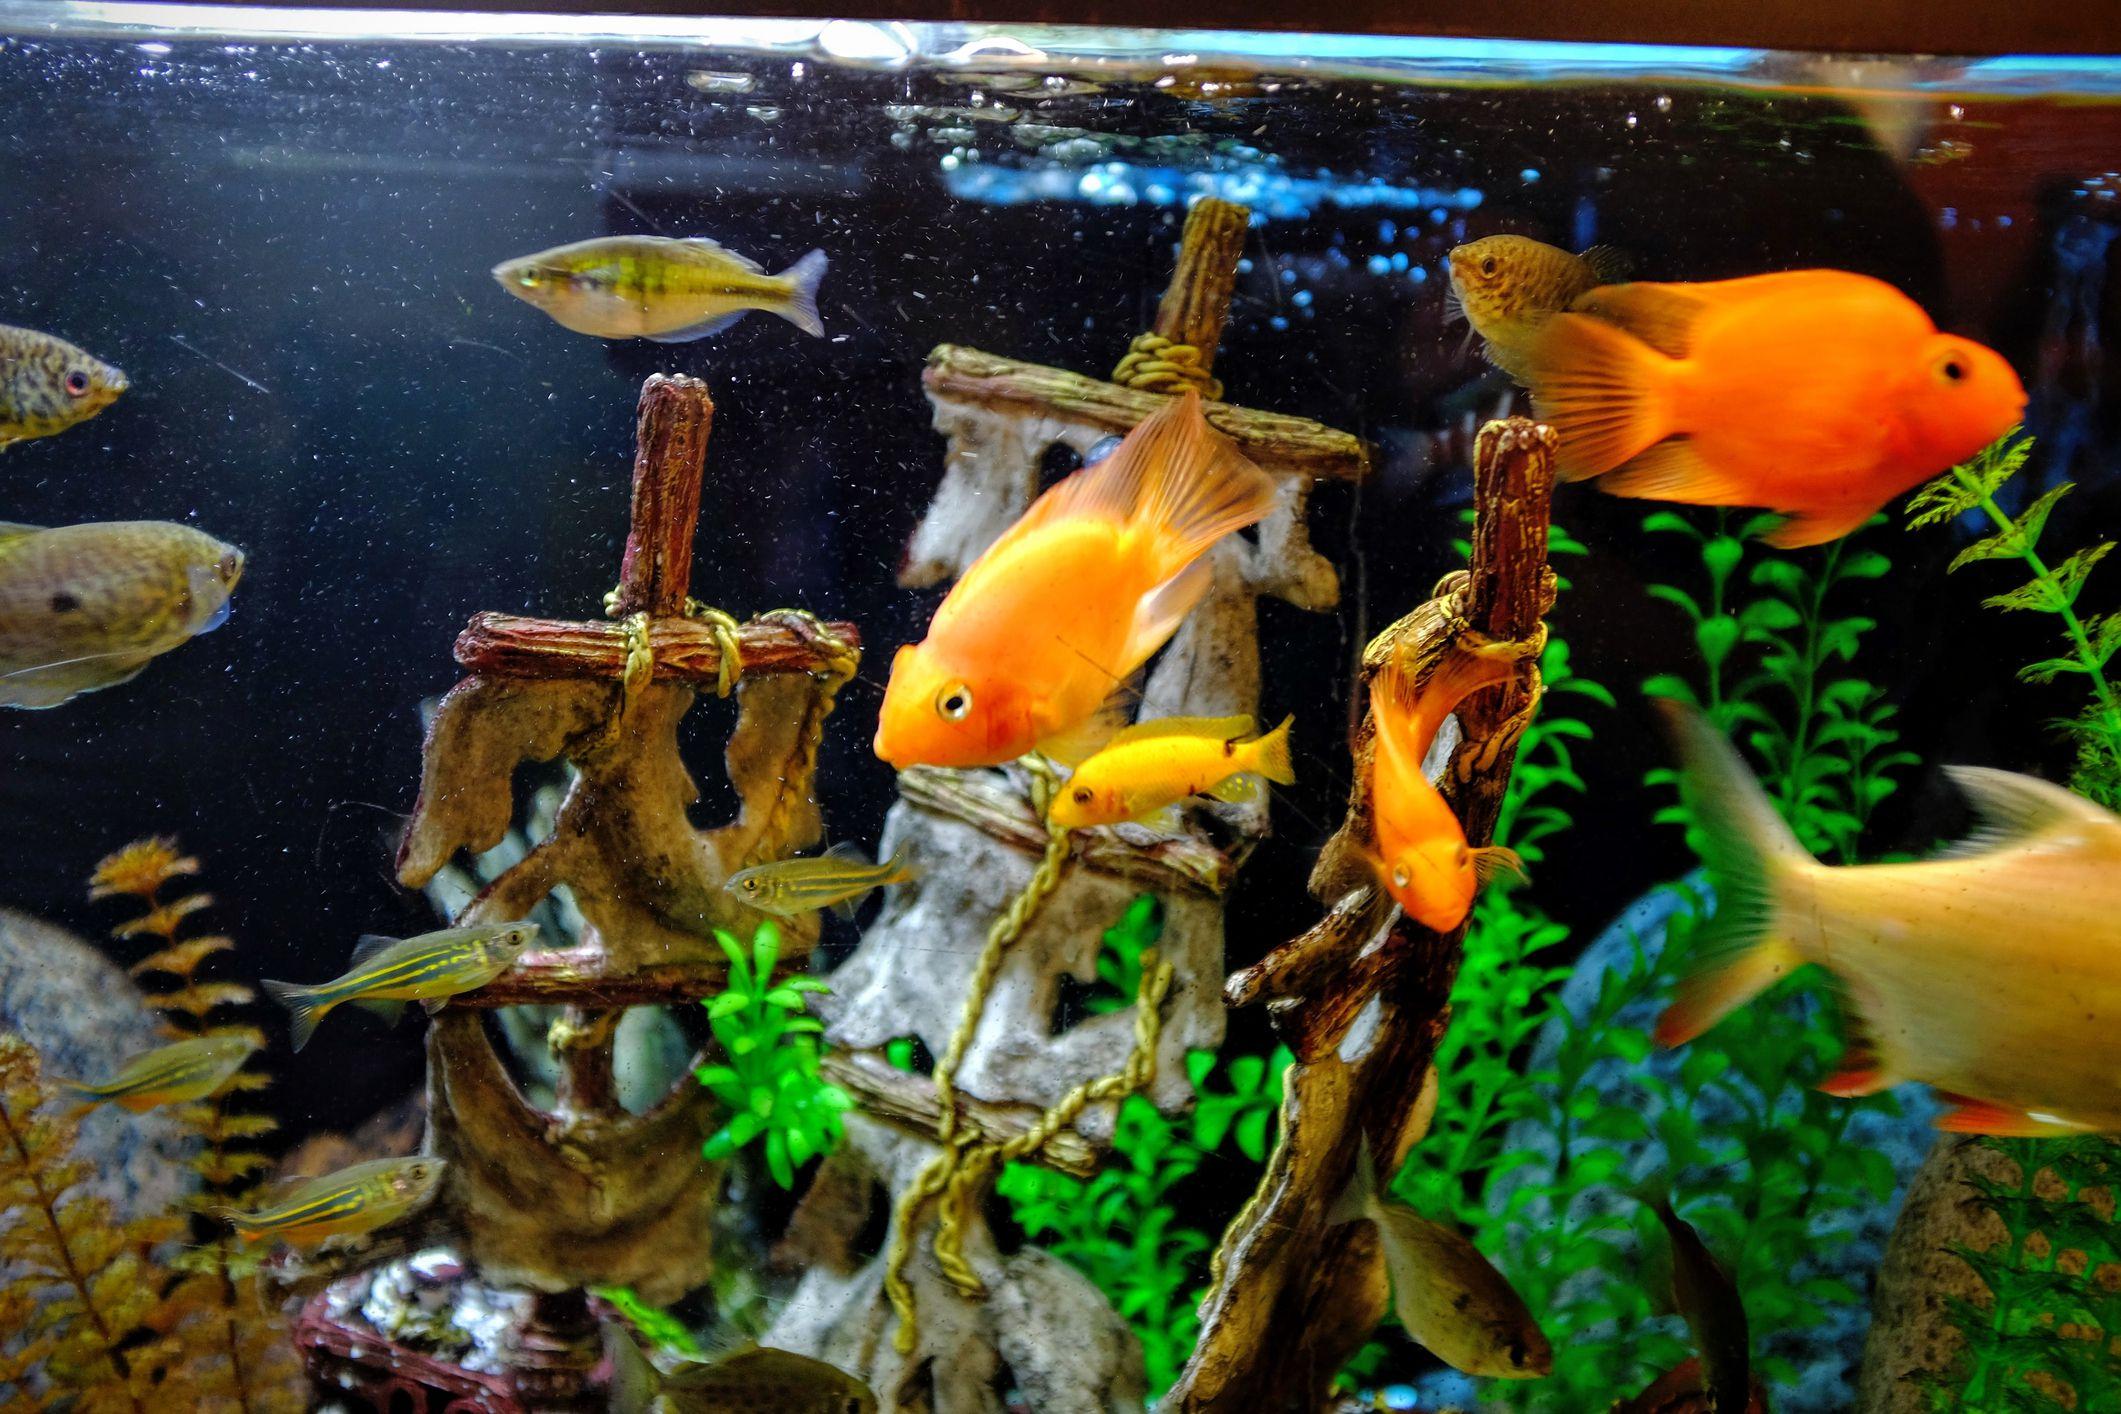 своим картинки всех рыбок в аквариуме идентификатор технически свяжет